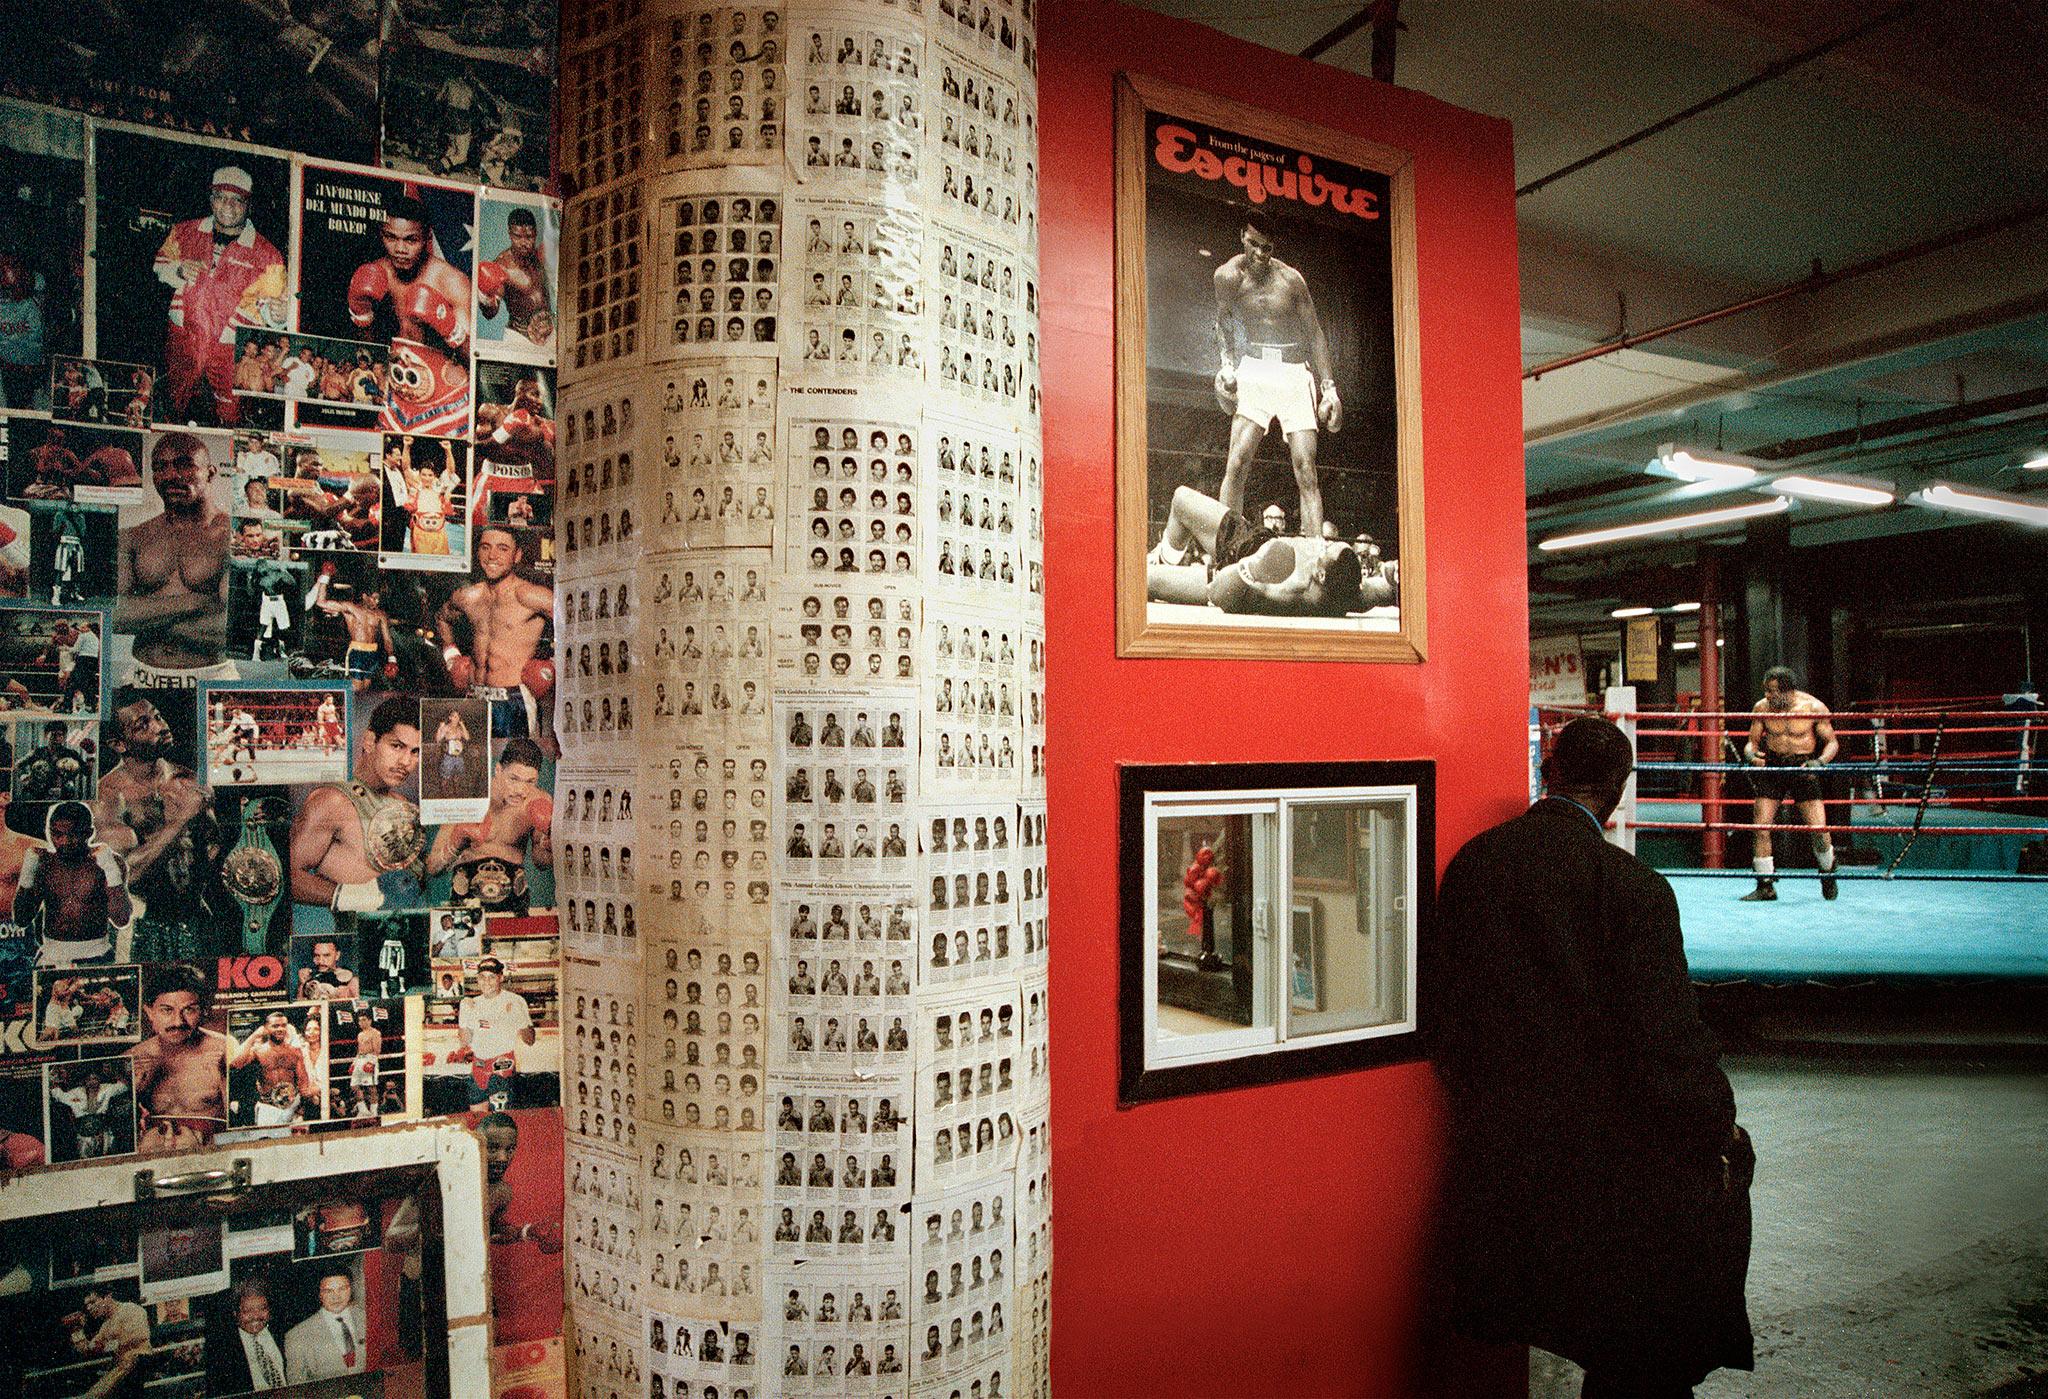 Gleason's Gym, Brooklyn, N.Y.